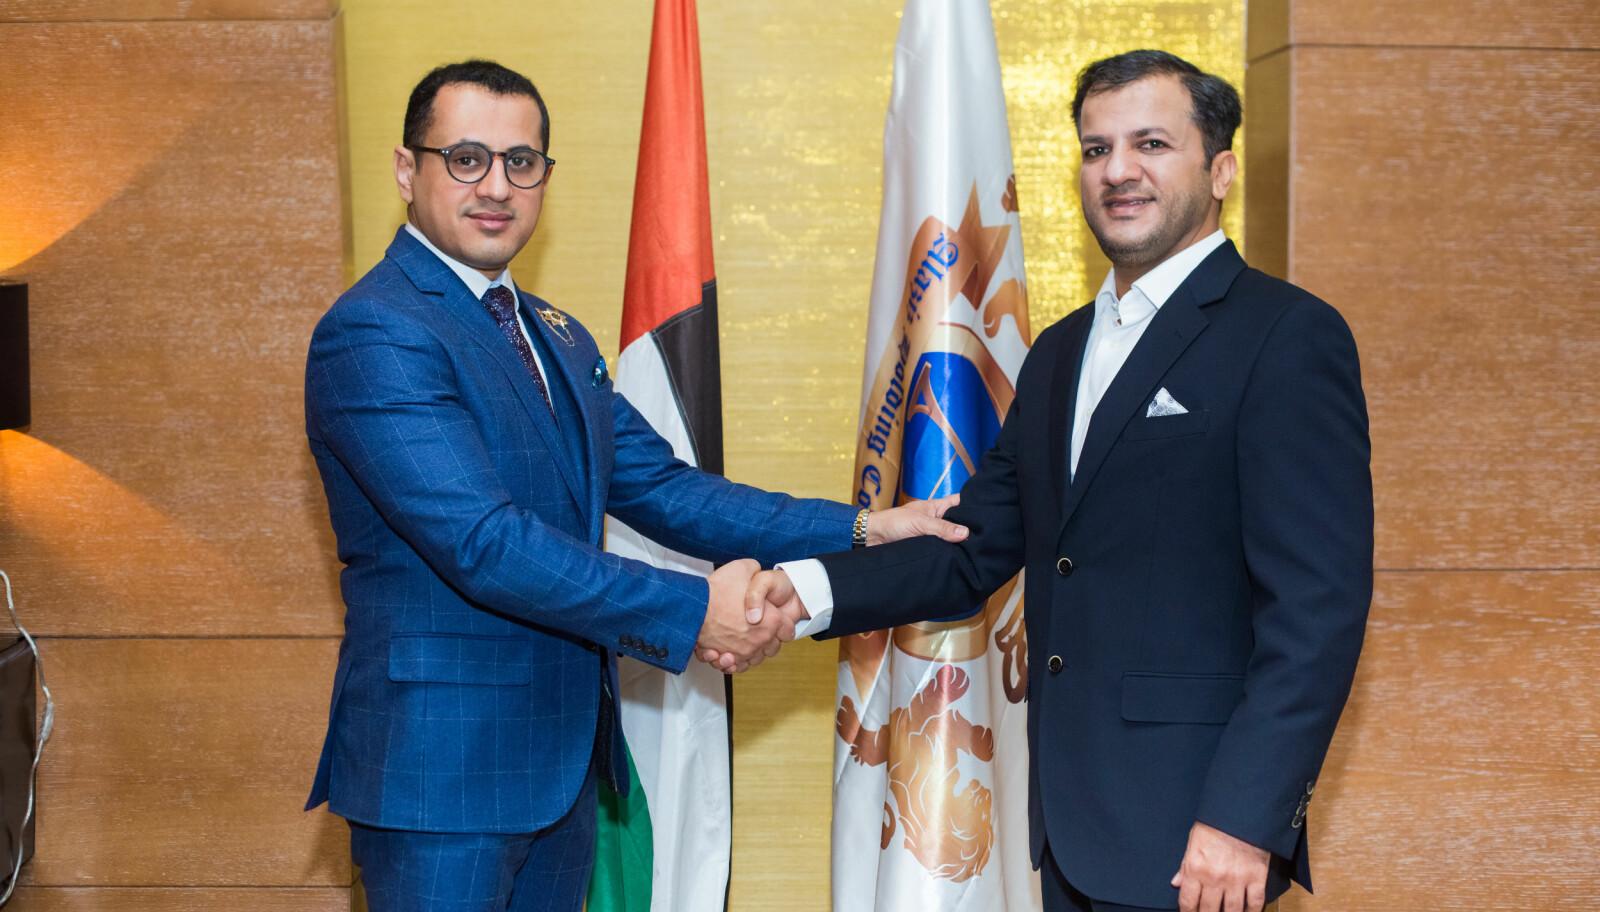 Talal Al Hammadi (til høyre) har flere grader fra instituttet han selv oppgir å eie deler av — og som ble opprettet av Azab Alaziz-Alhashemi. Her fra et arrangement flere av Alaziz-Alhashemis organisasjoner skal ha holdt i Baku i Aserbajdsjan.